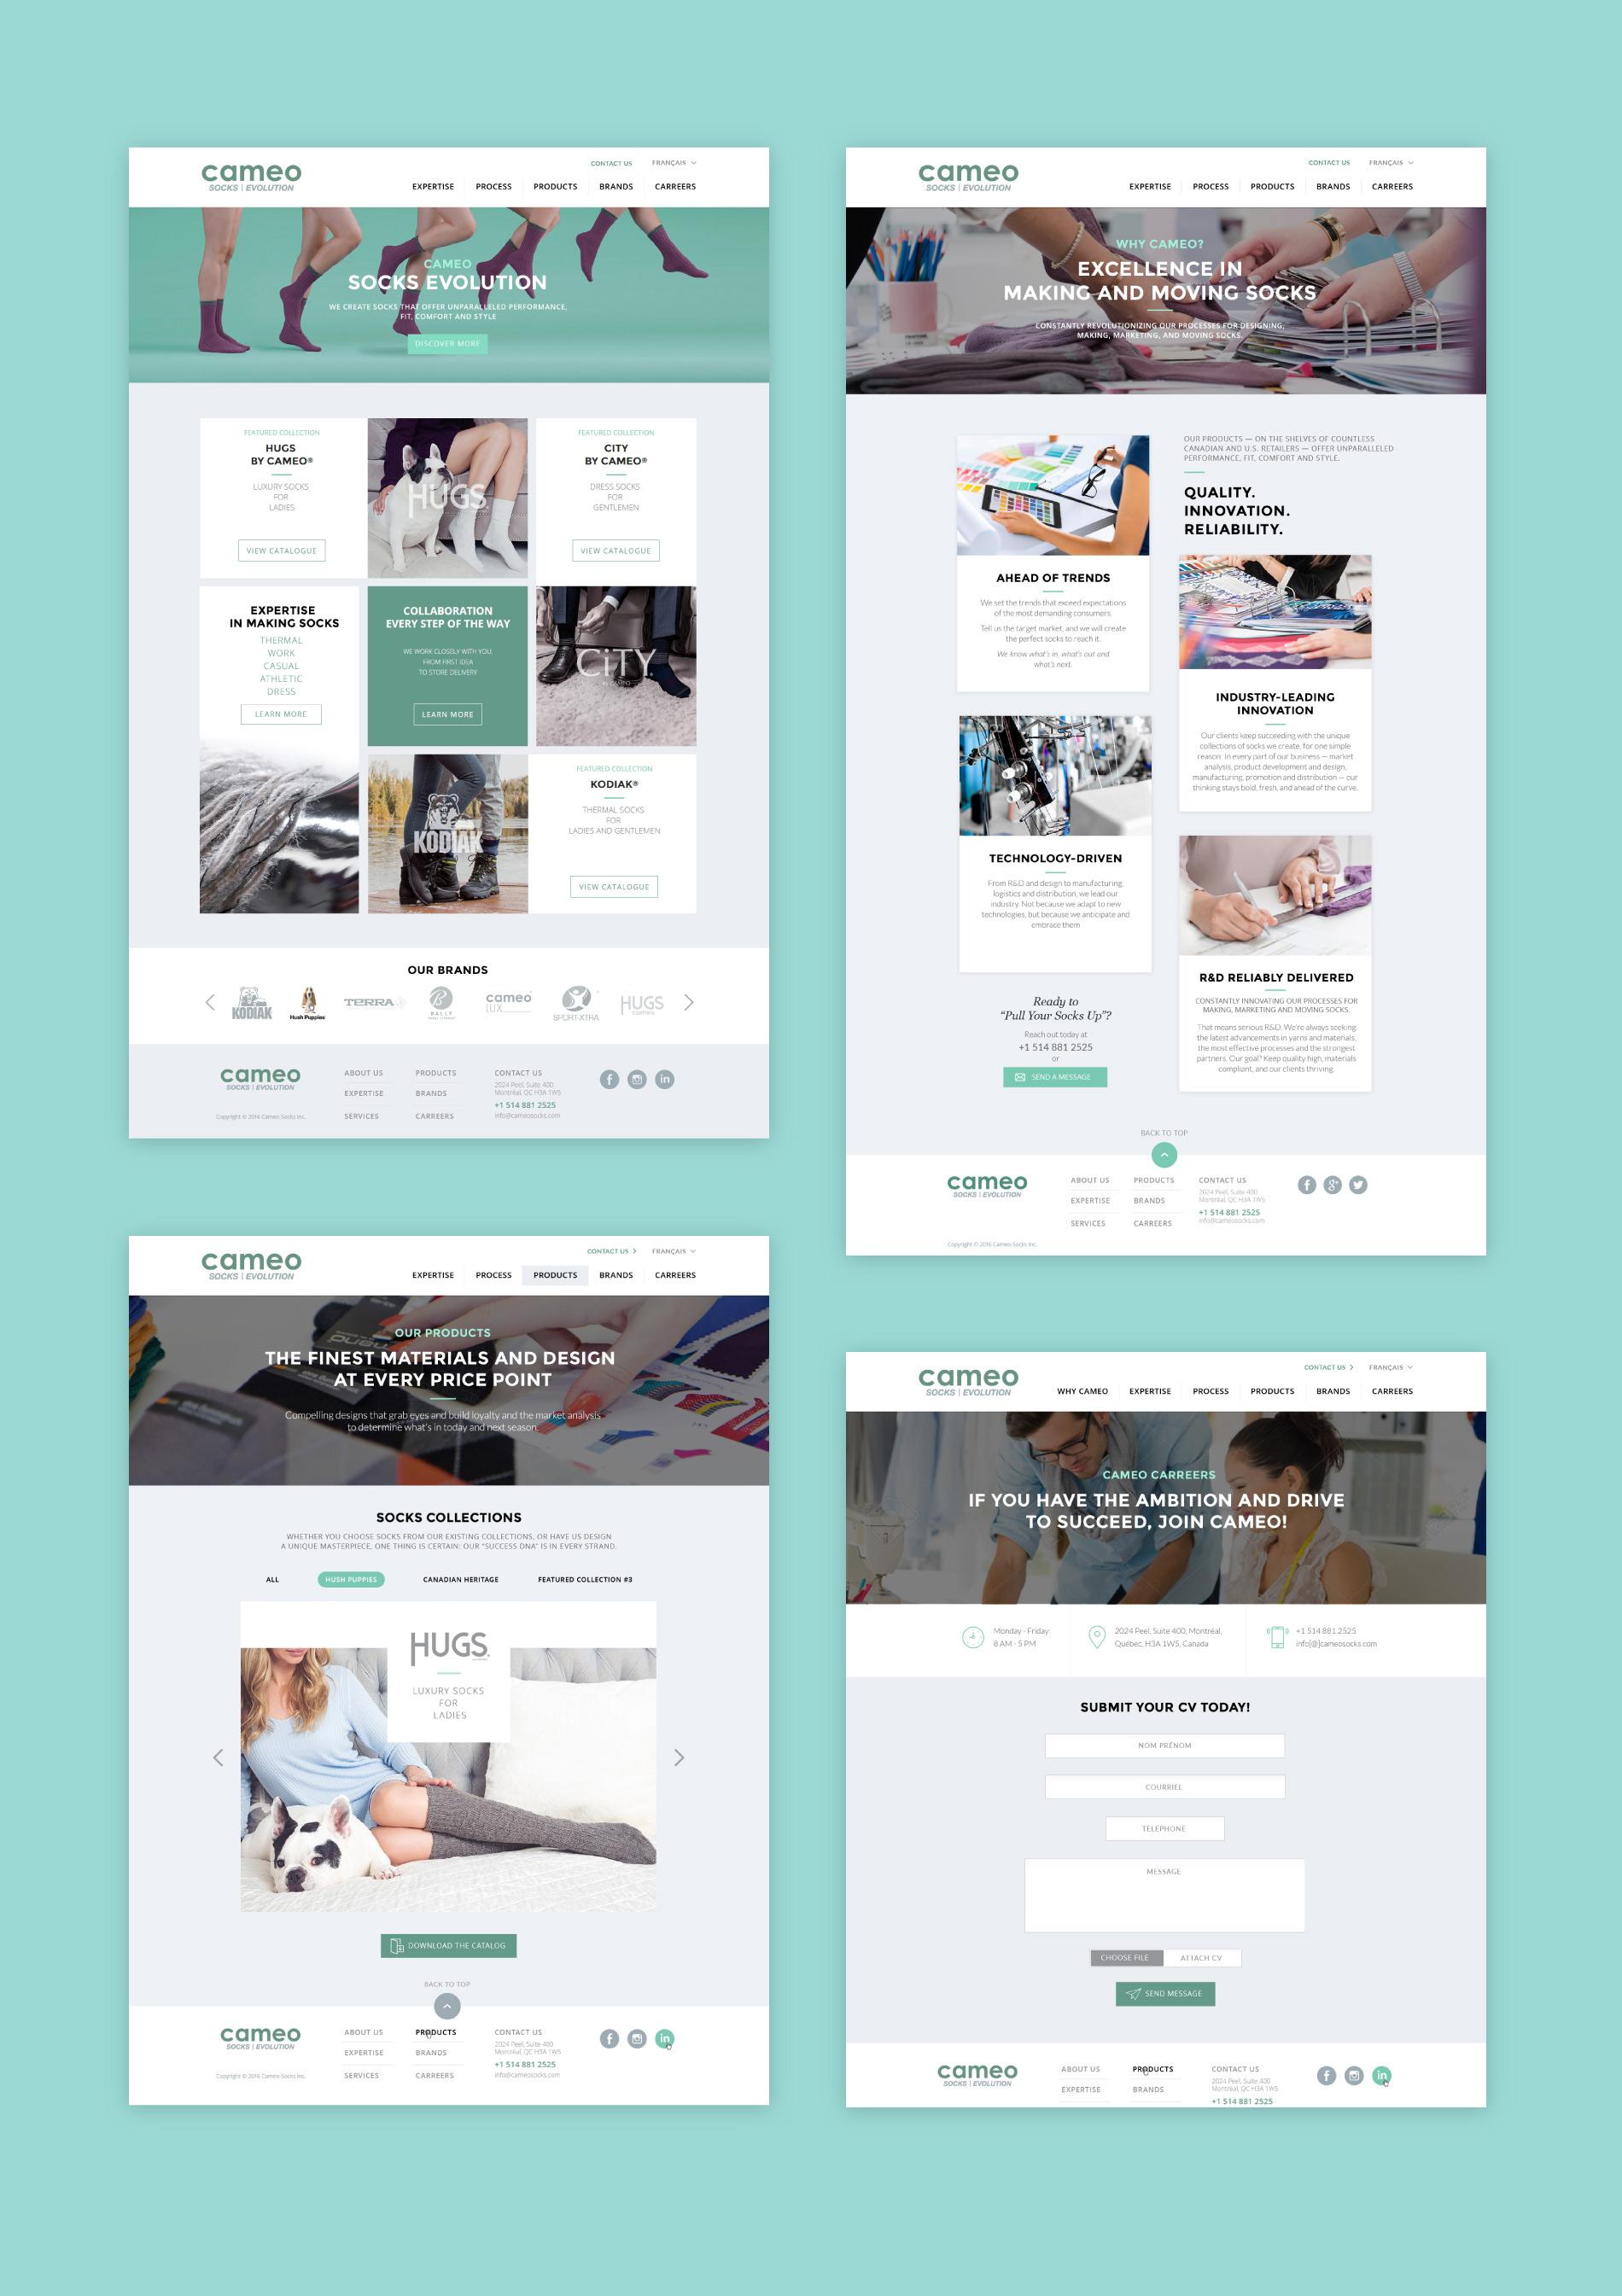 socks manufacturer website design pages